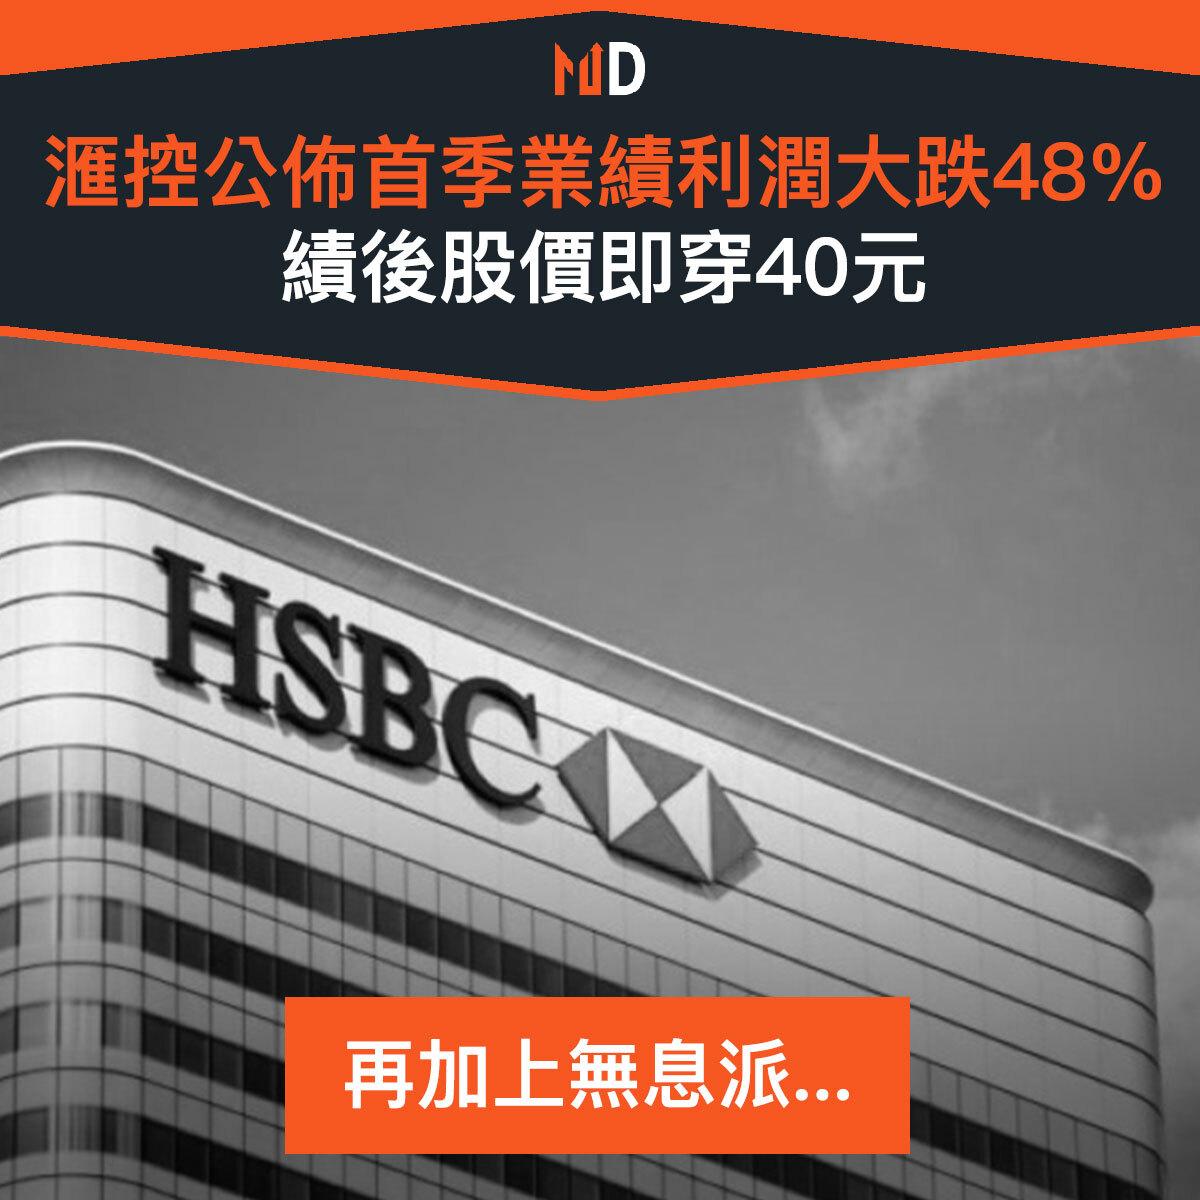 【#市場熱話】滙控首季利潤大跌48%,業績公佈後股價即穿40元